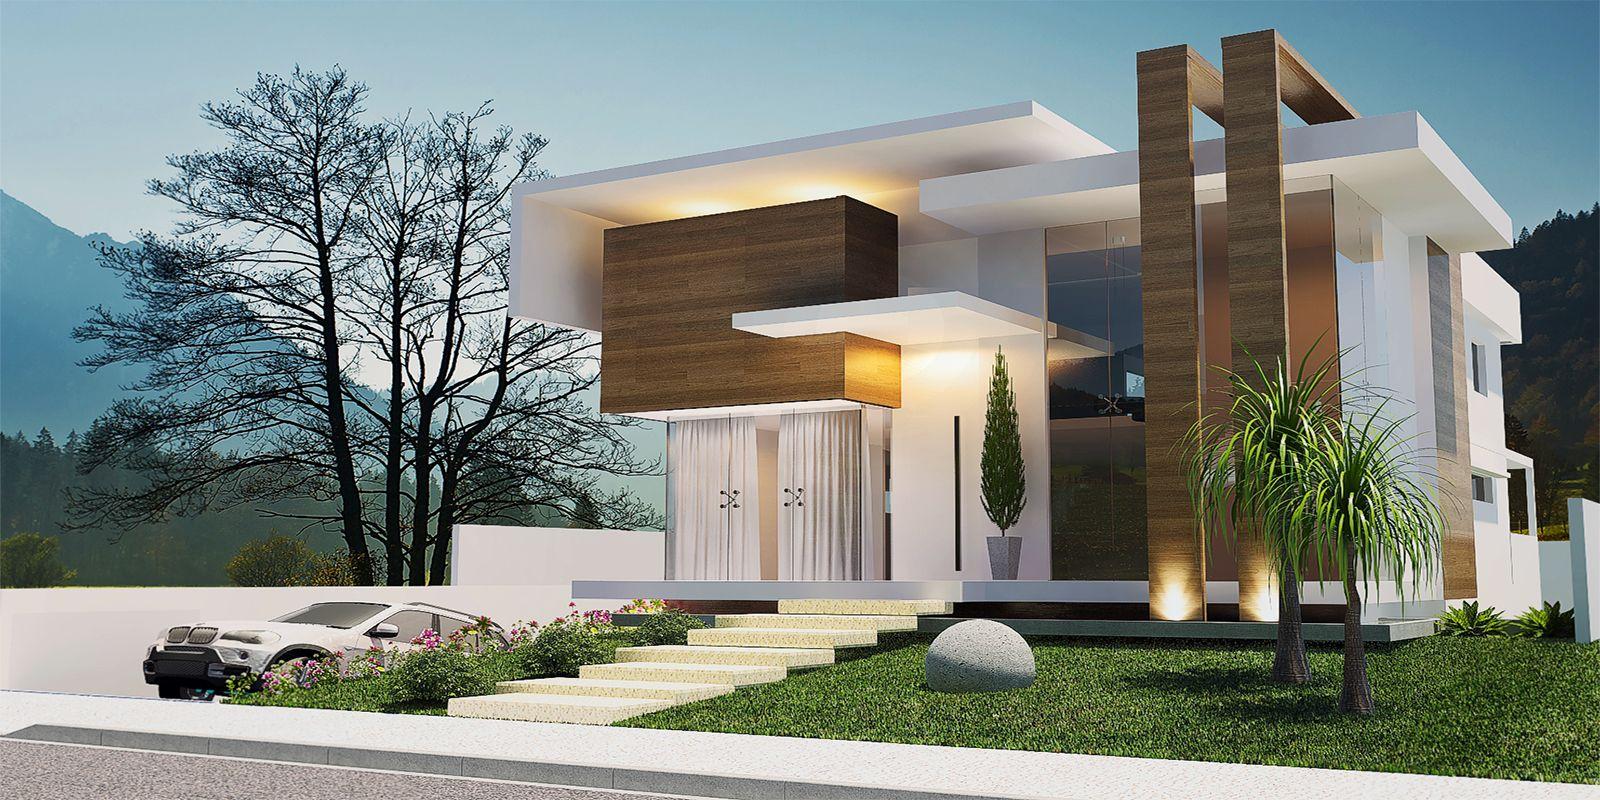 Casas 11 copiar architecture casas arquitectura for Casa moderna 7 mirote y blancana